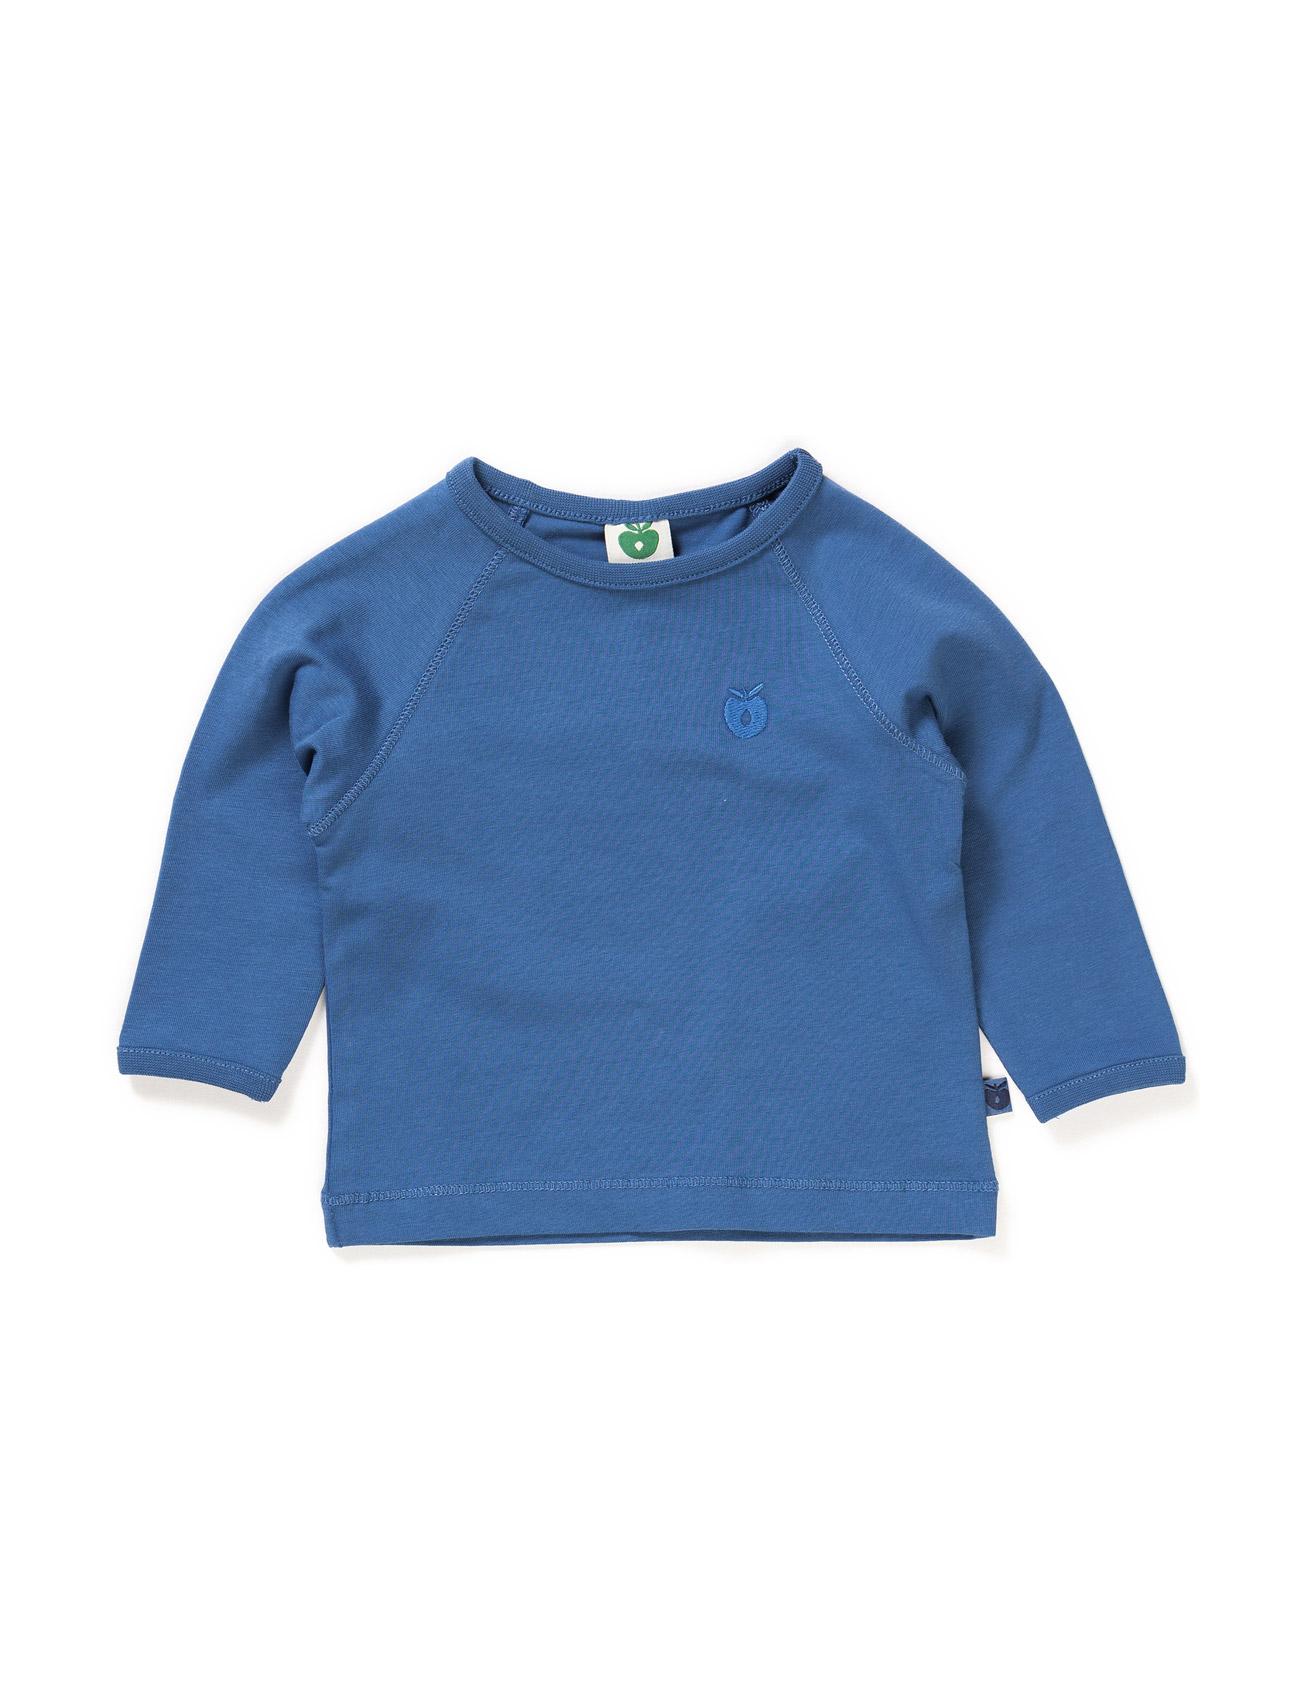 Solid Colored Baby T-Shirt Småfolk T-shirts til Drenge i